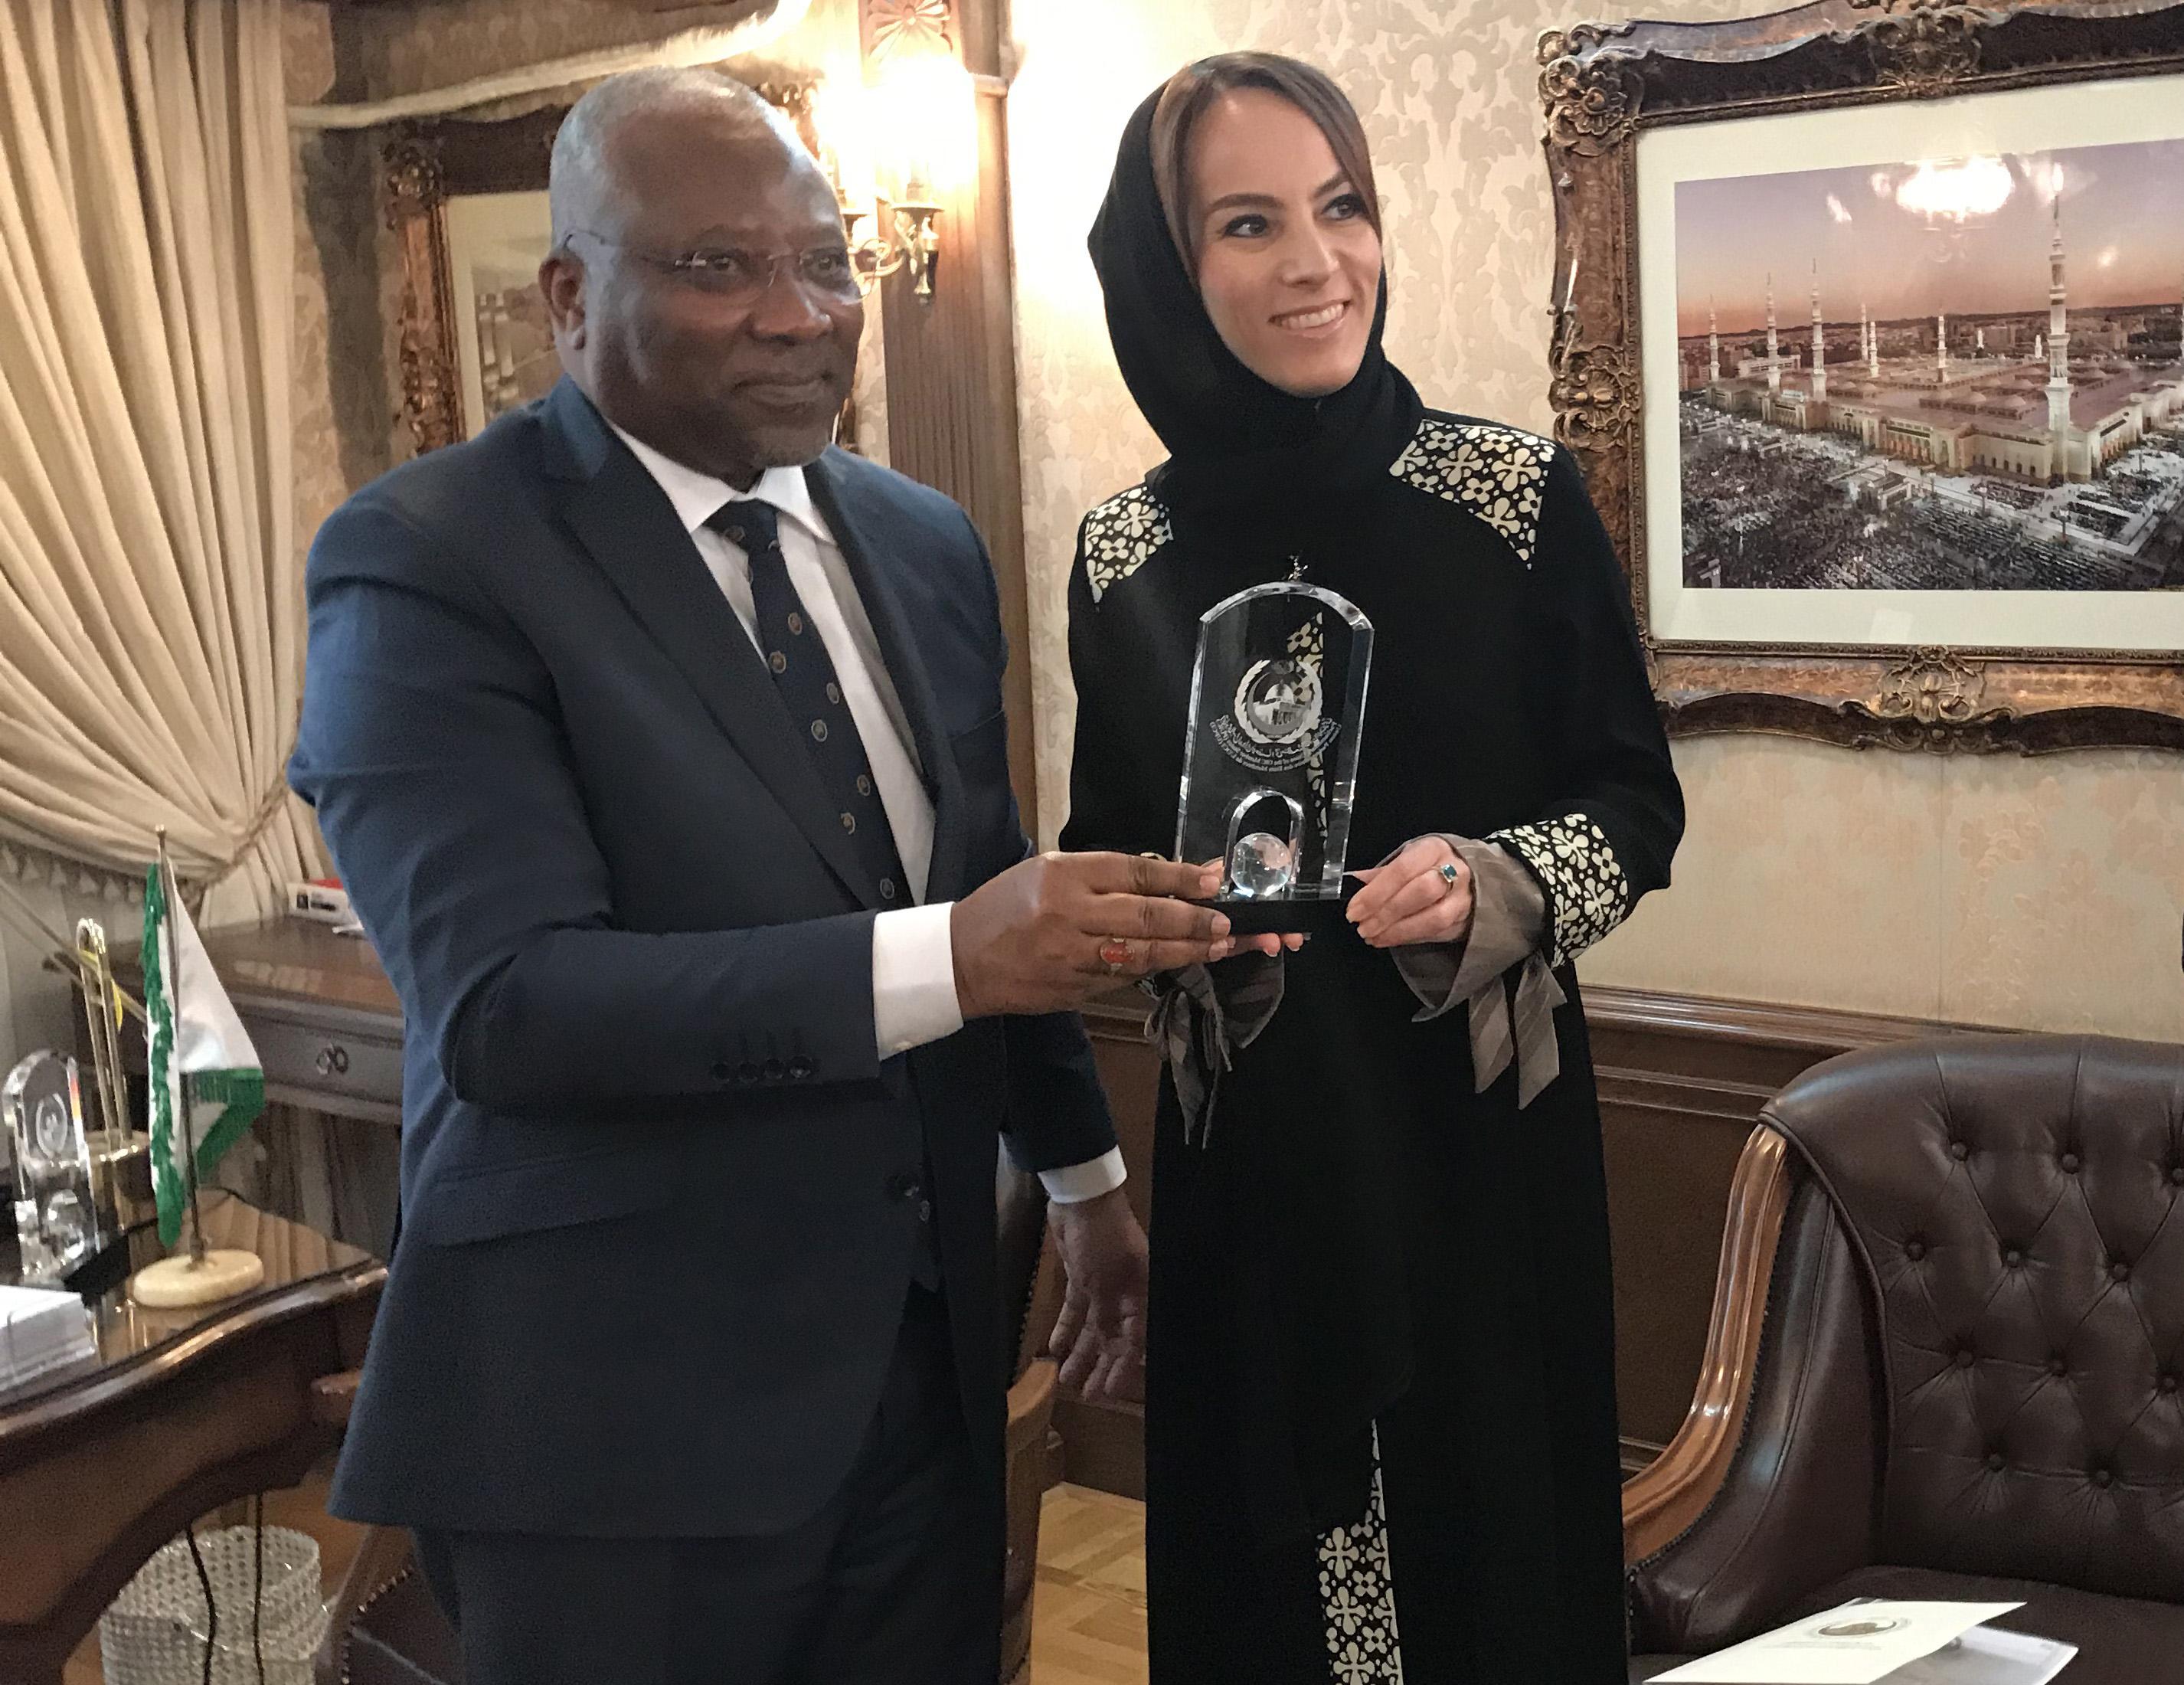 رئيسة الاتحاد البرلمانى الدولى تزور مقر الاتحاد فى طهران